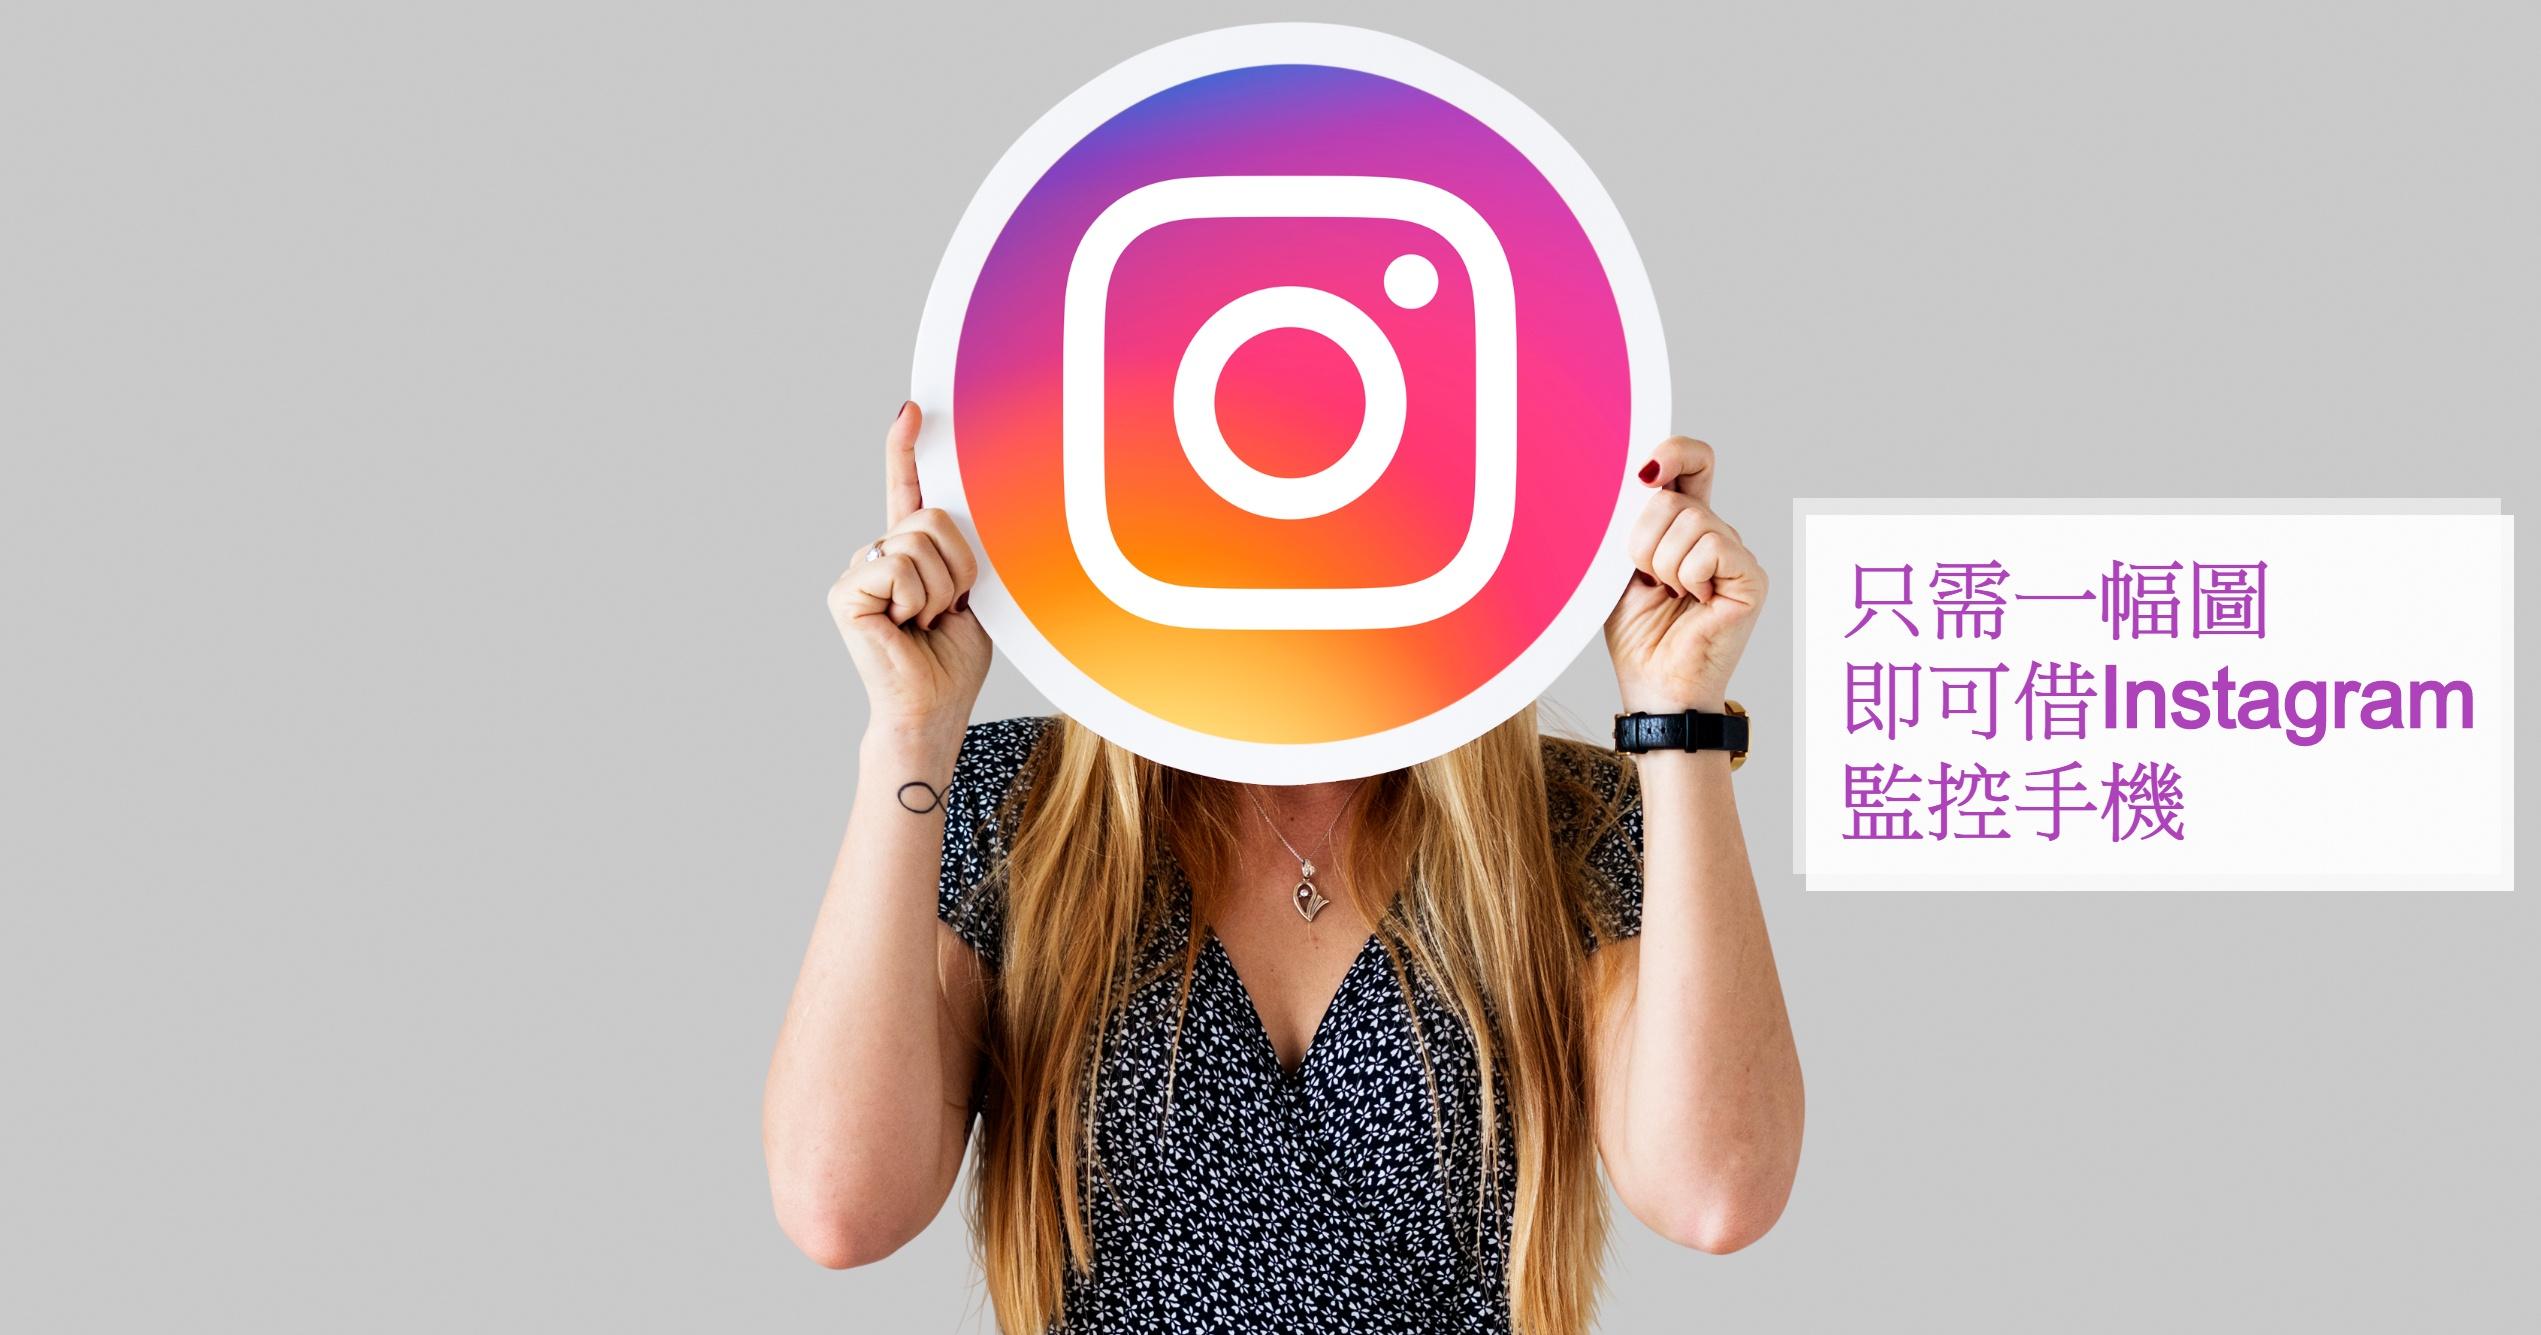 只需一幅圖 即可借 Instagram 監控手機